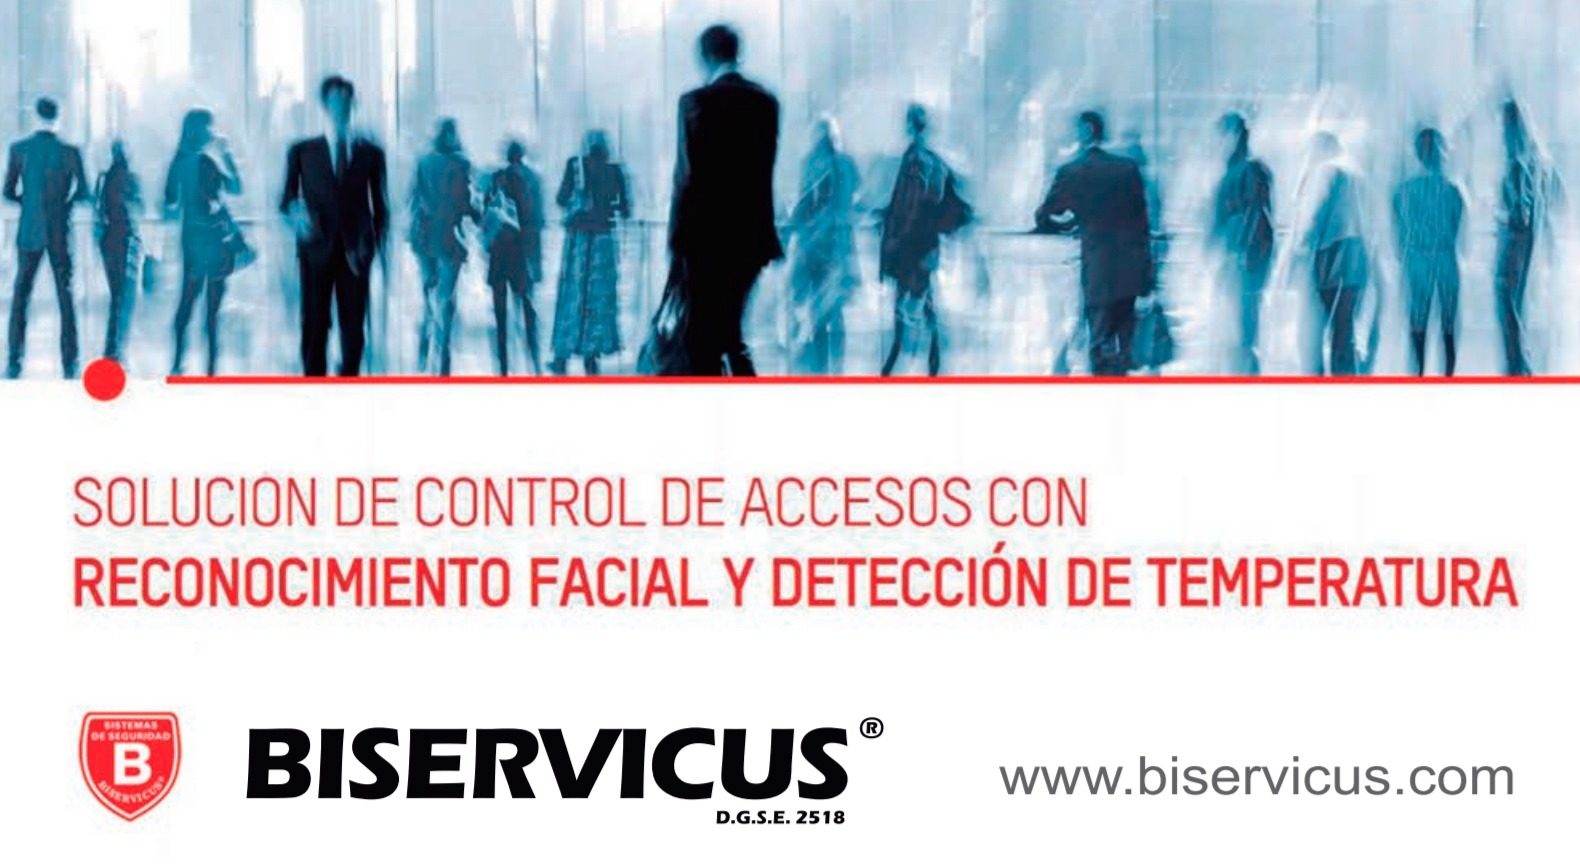 Solución de Control de Accesos con Reconocimiento facial y detección de temperatura.